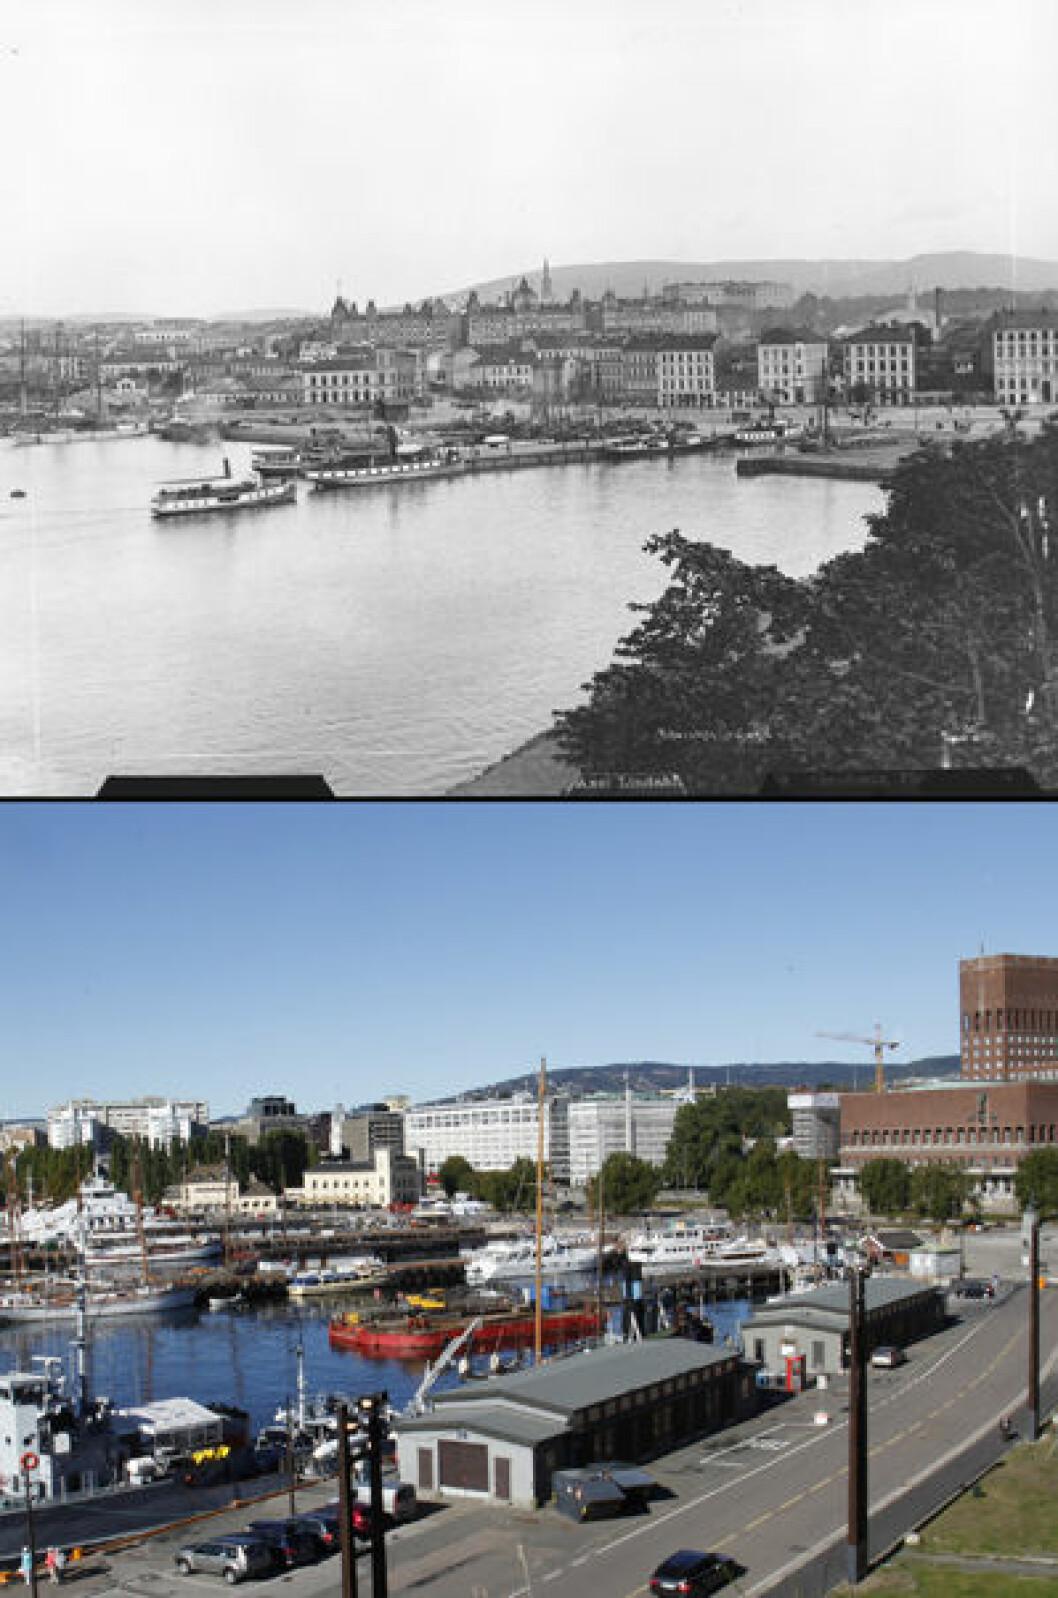 Ca. 1888 og 2013: Pipervika og Rådhuskaia i Oslo. Foto: Axel Lindahl/Oscar Puschmann